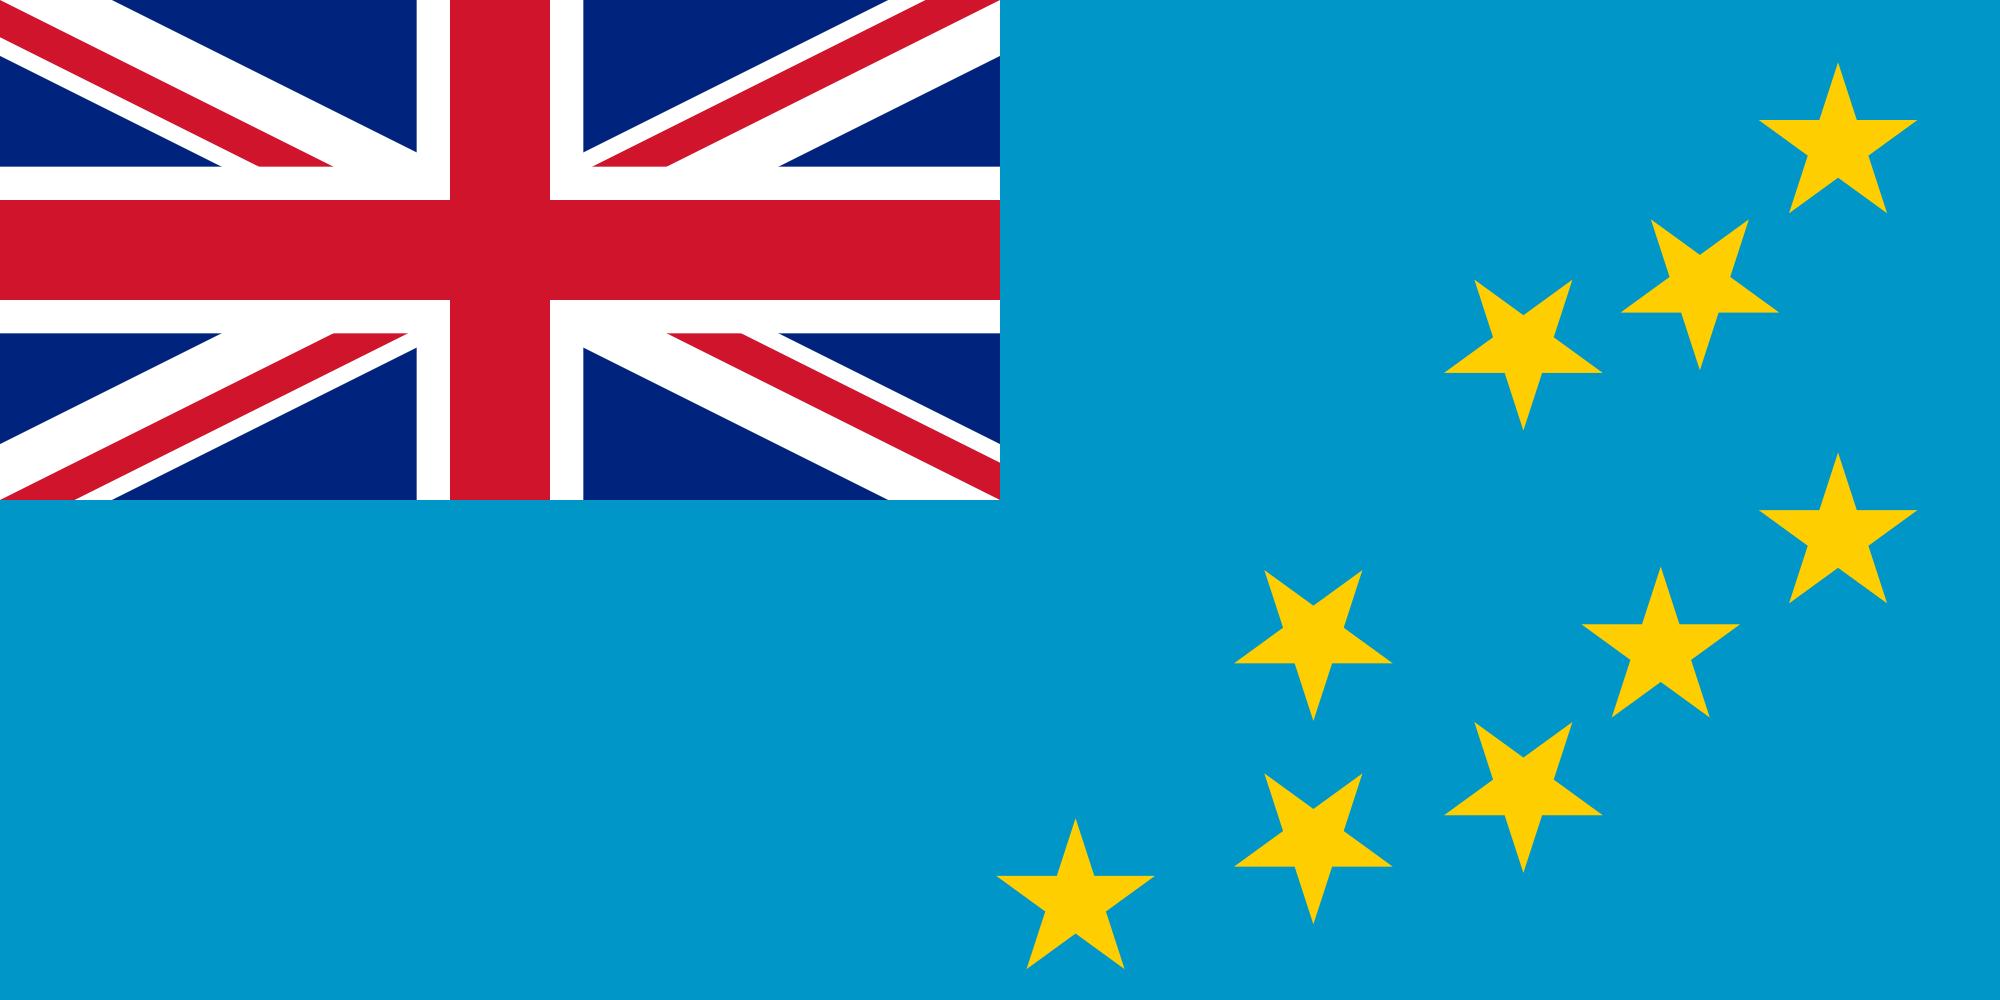 Tuvalu Flags Of The World Flag Tuvalu Flag